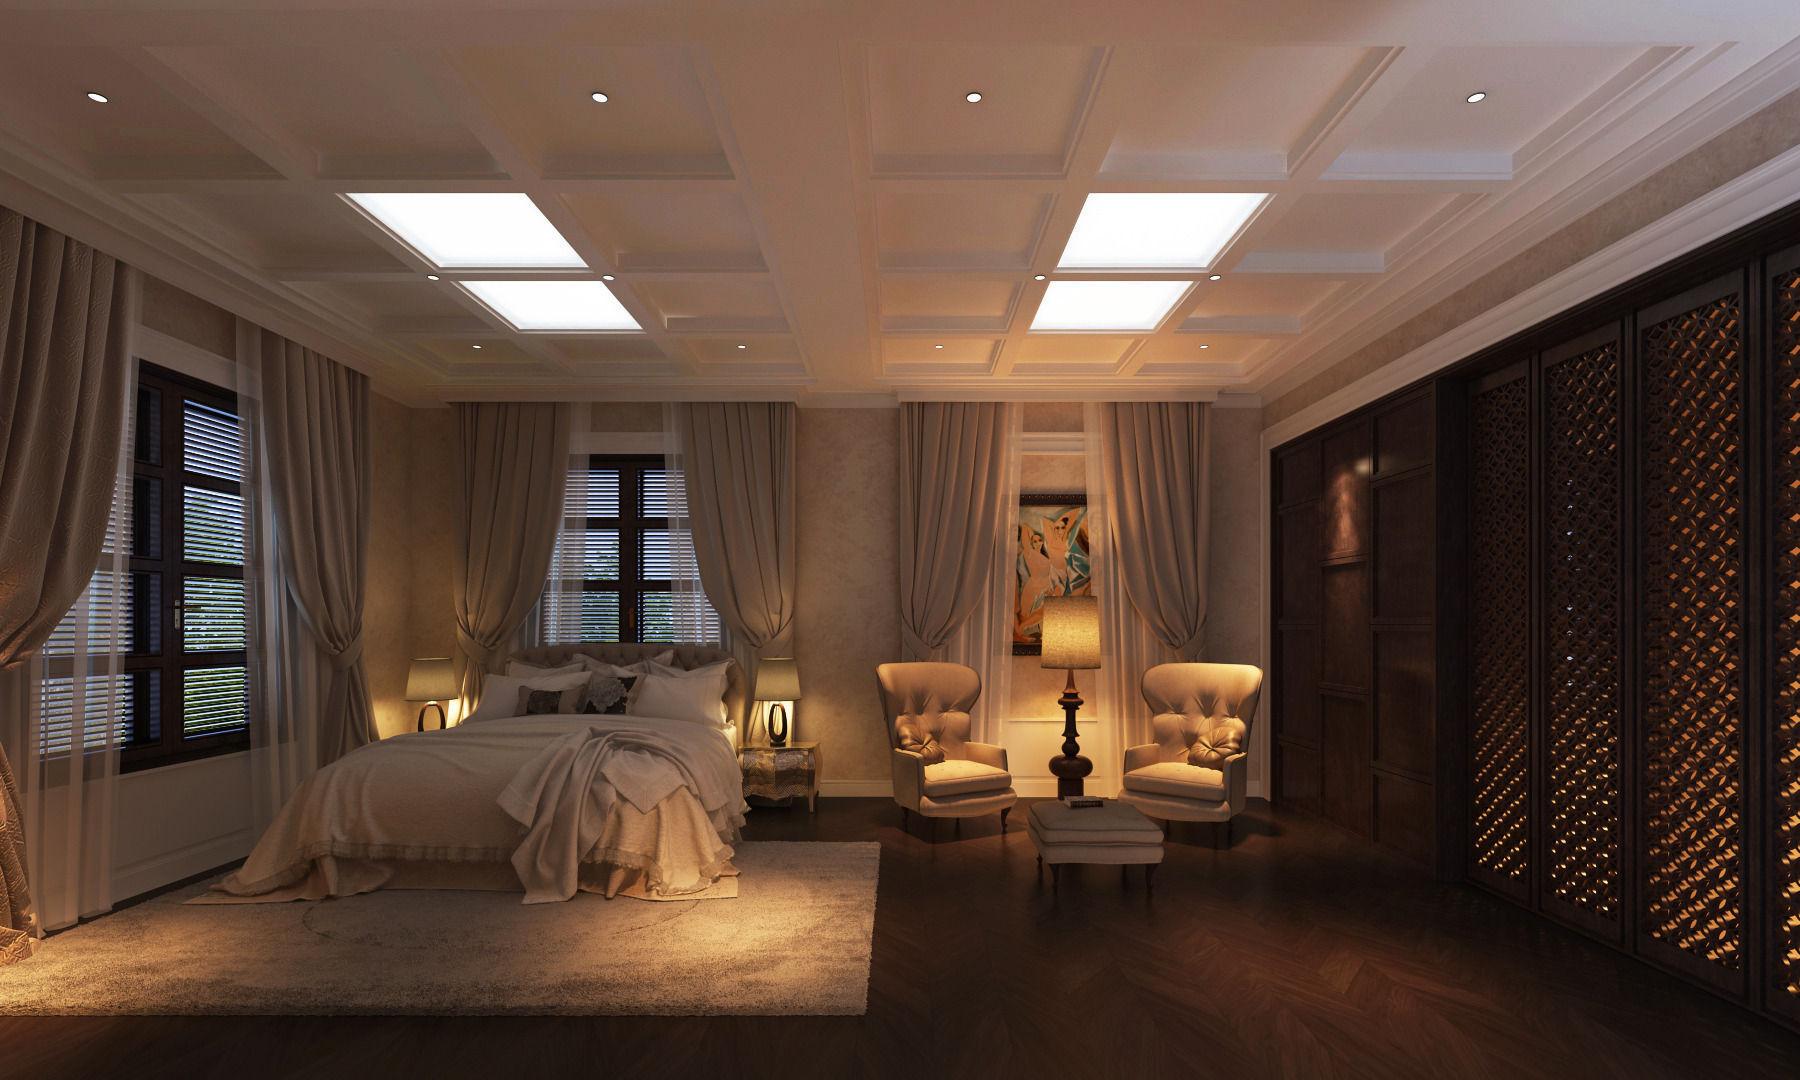 ... Classic Bedroom Cg 3d Model Max Fbx 2